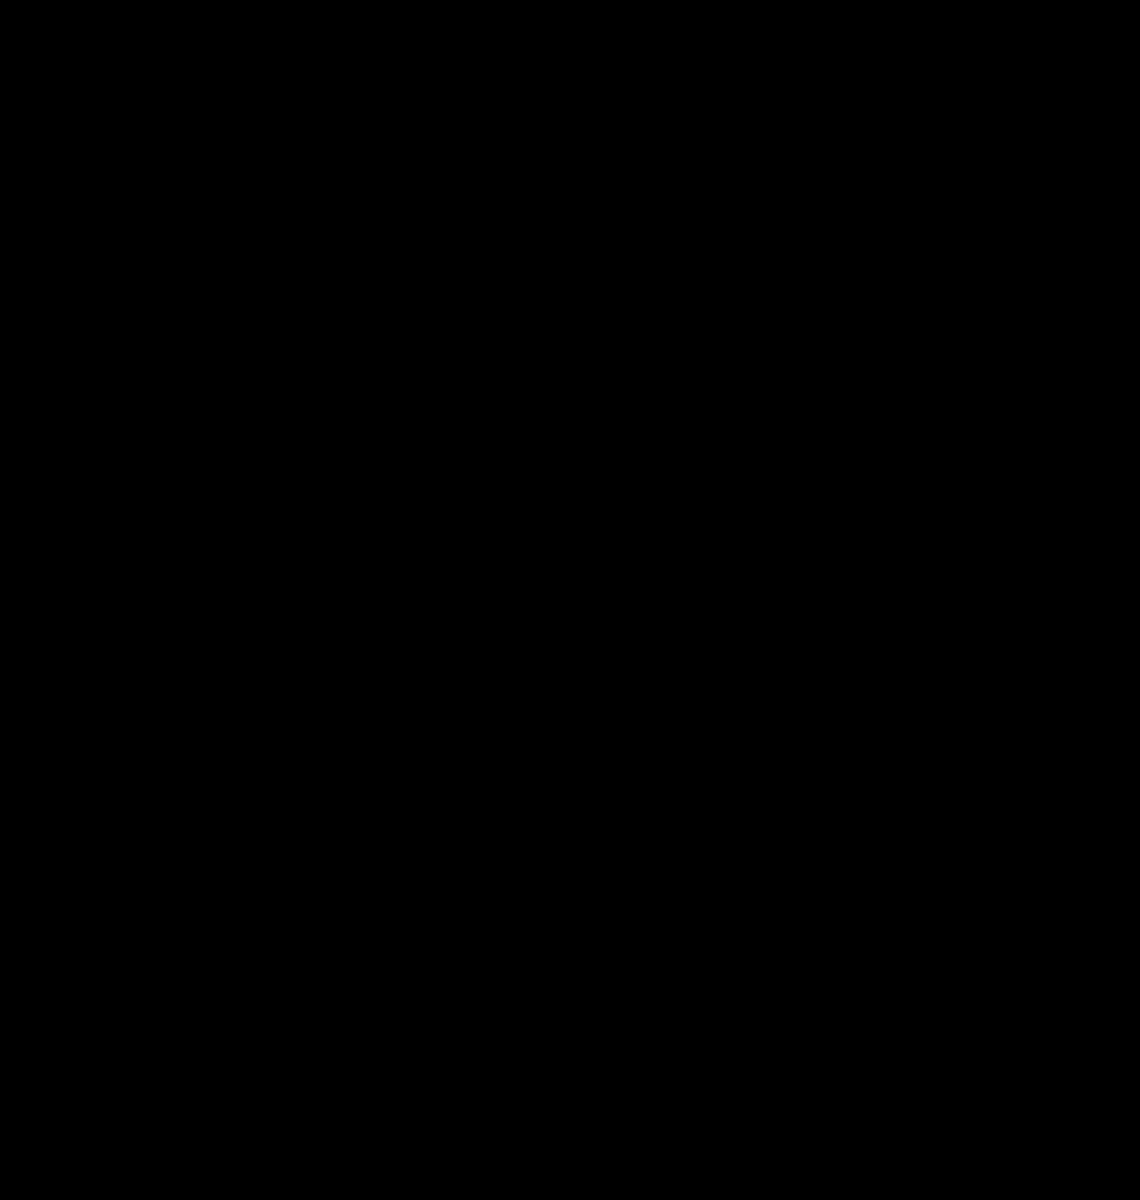 Stevige vuurkorf met bbq-rooster